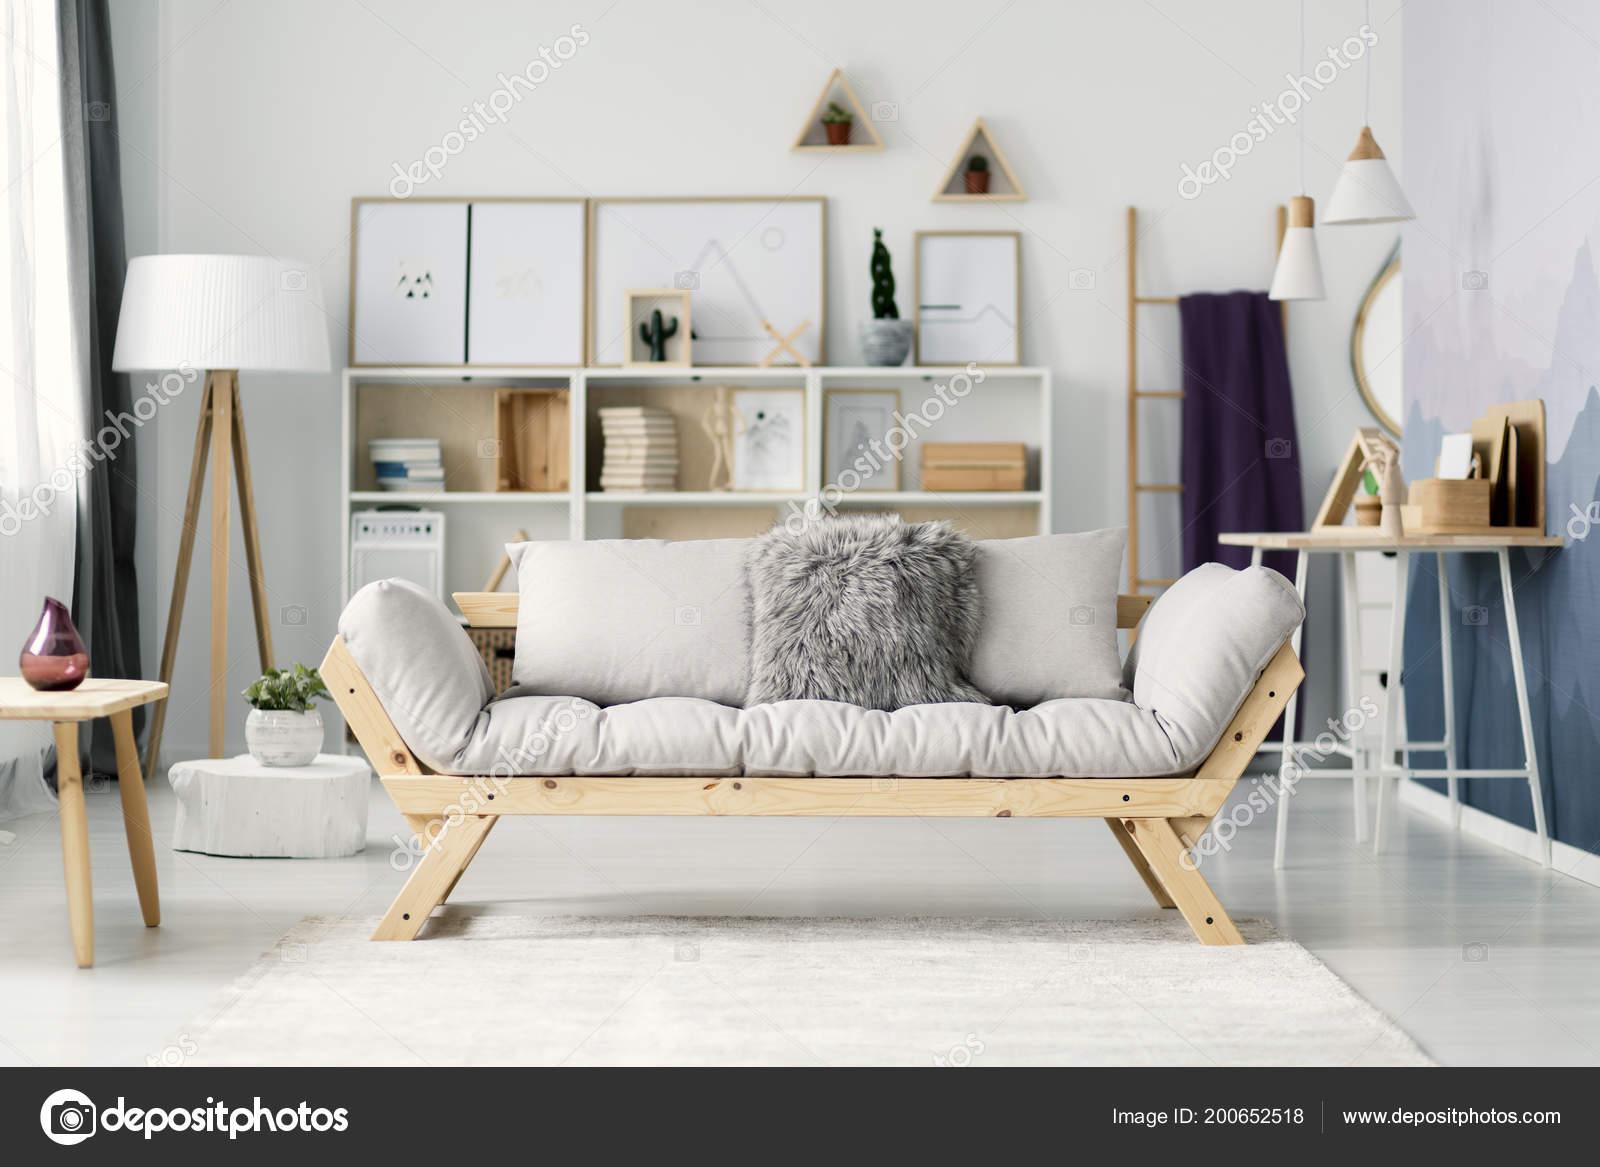 Beige Sofa Hell Scandi Wohnzimmer Interieur Mit Plakaten Auf